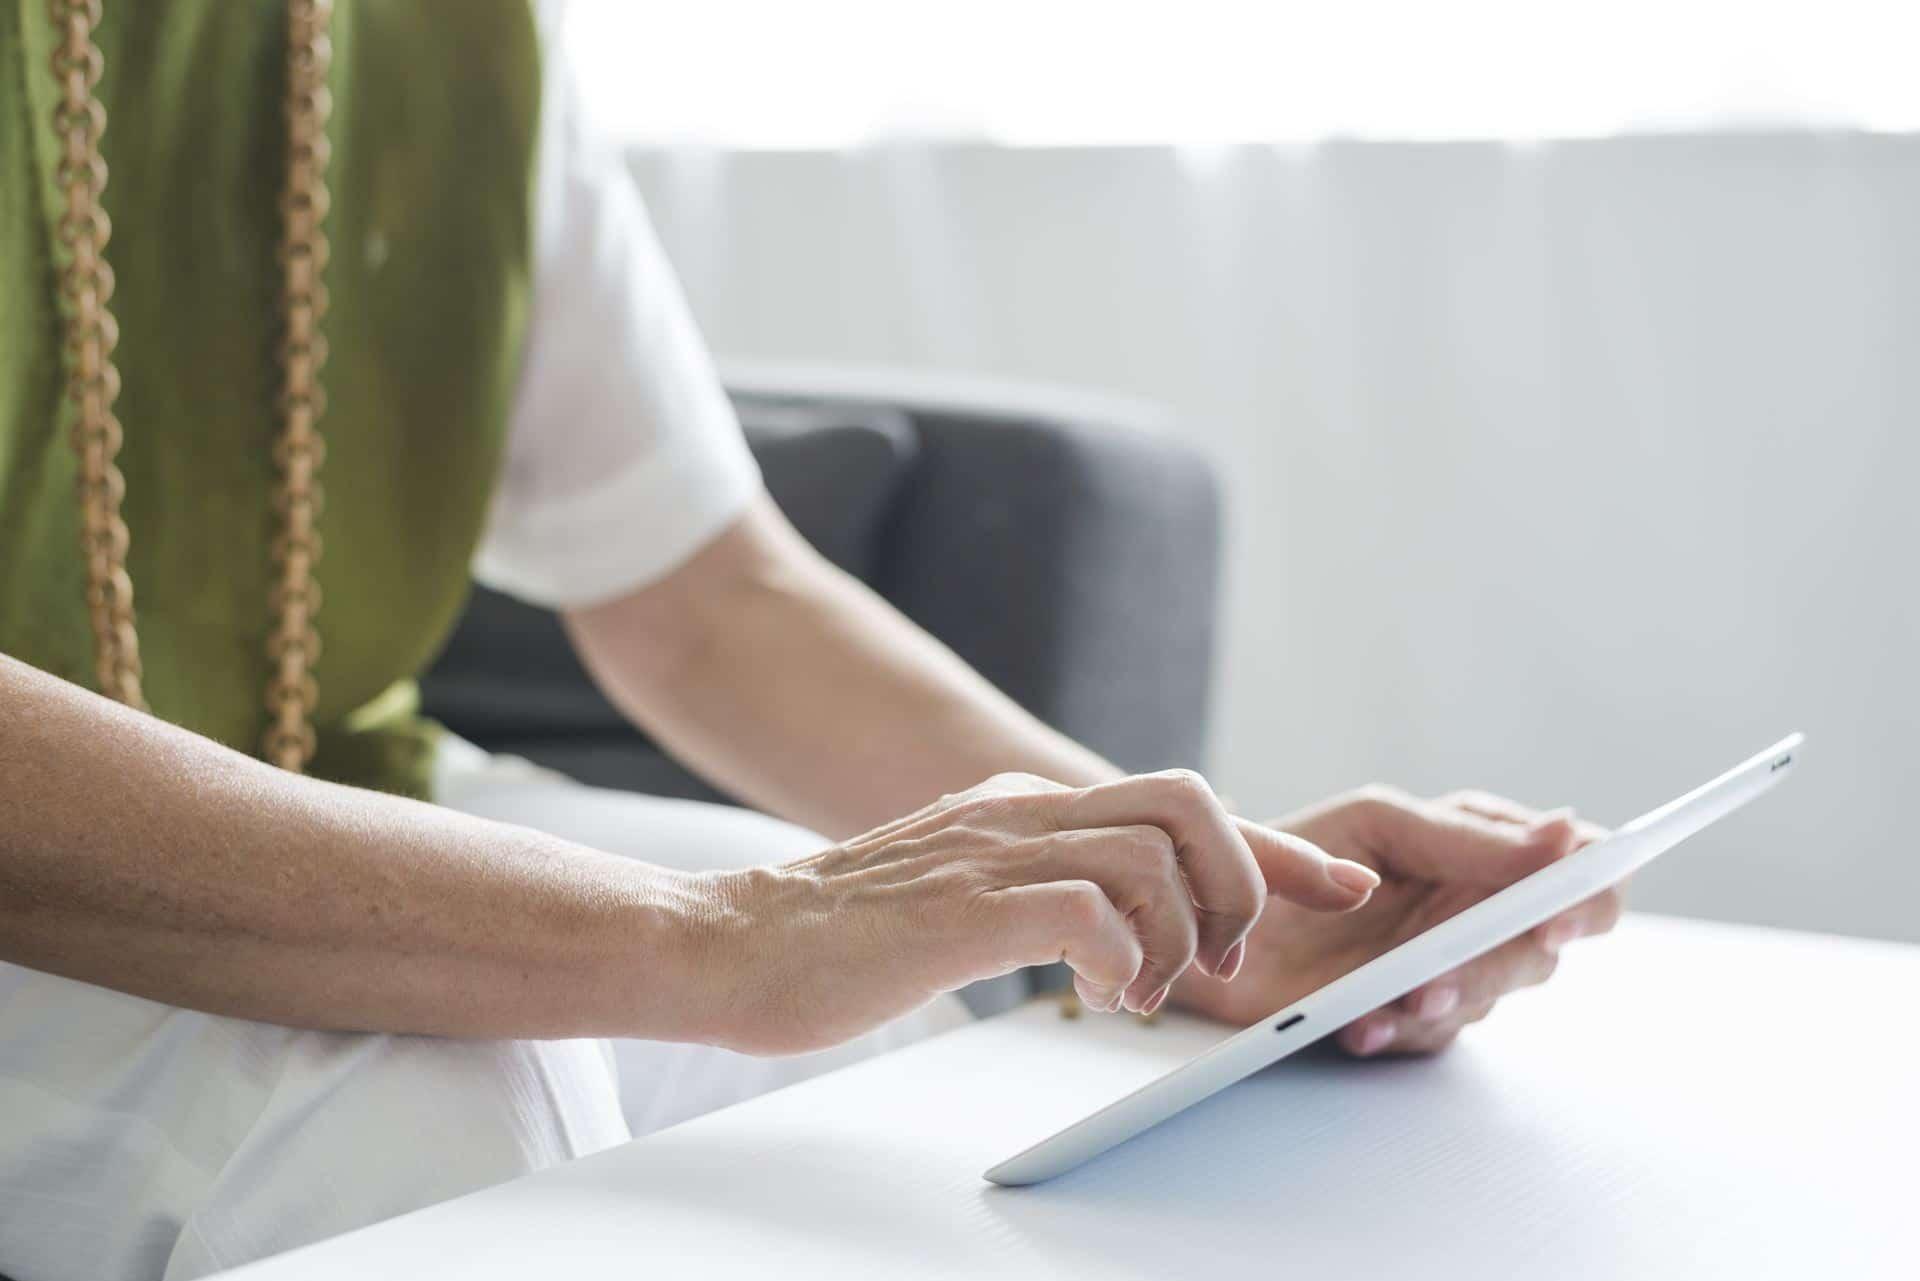 המדריך הדיגיטלי לשיקום ושיפור התחושה בידיים מבית Restart Therapy המומחים בשיקום פרטי בבית הלקוח